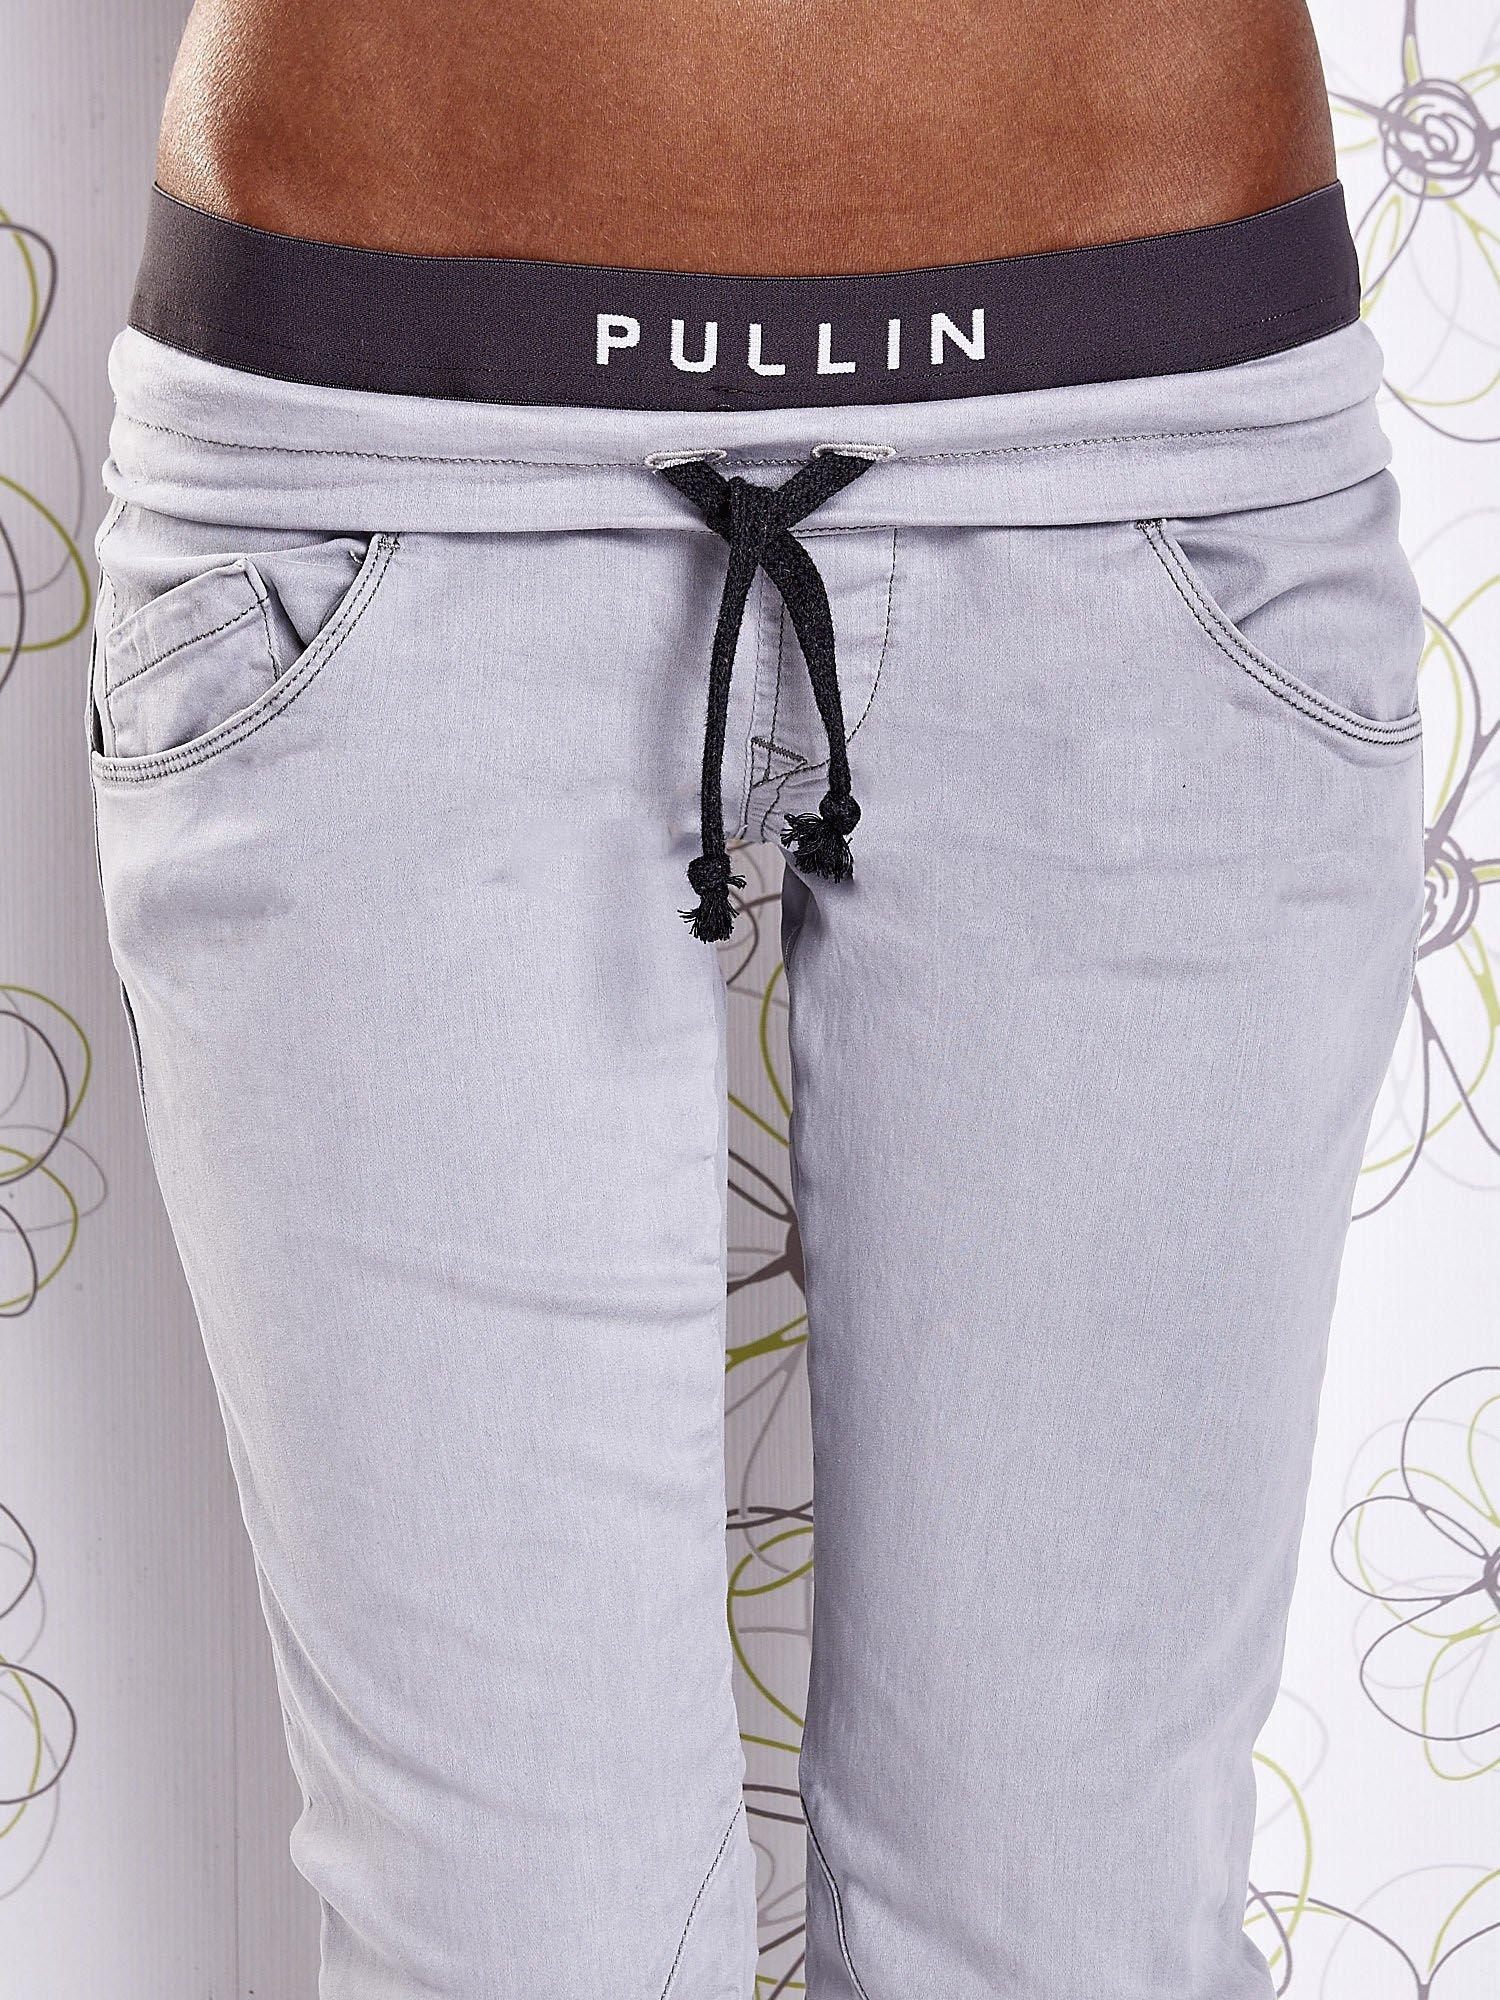 Szare spodnie z przeszyciami i kolorową gumką w pasie                                  zdj.                                  4